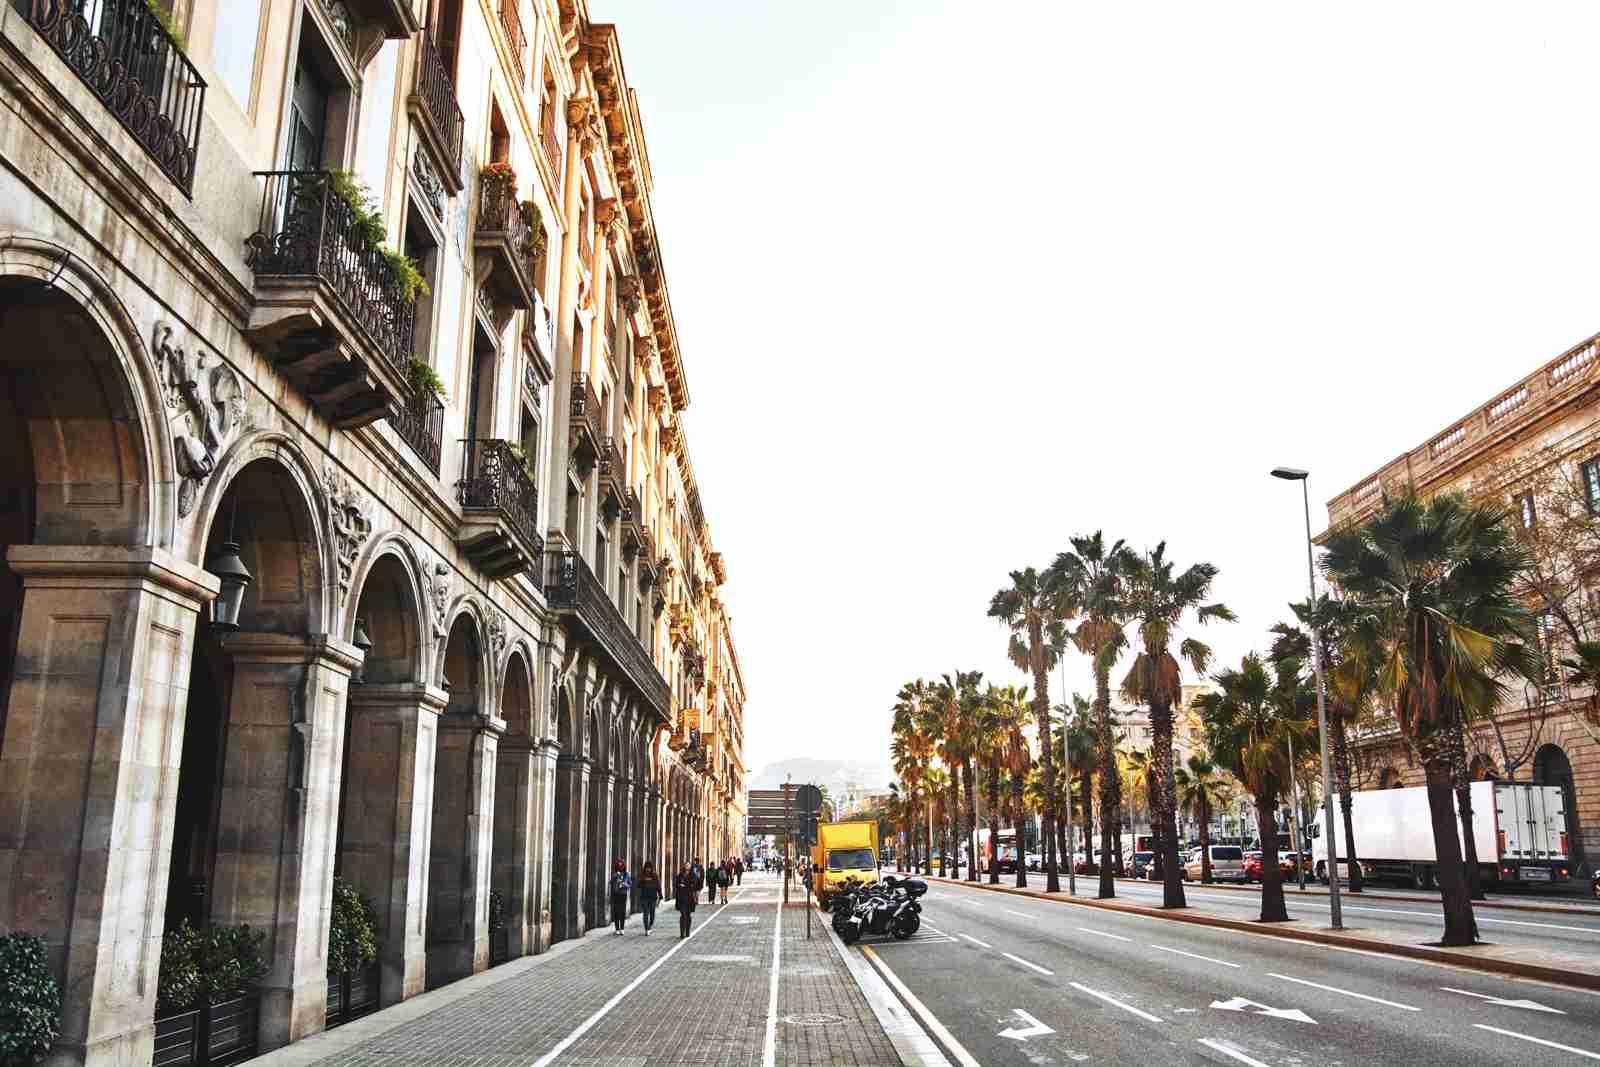 Silence pervades Barcelona